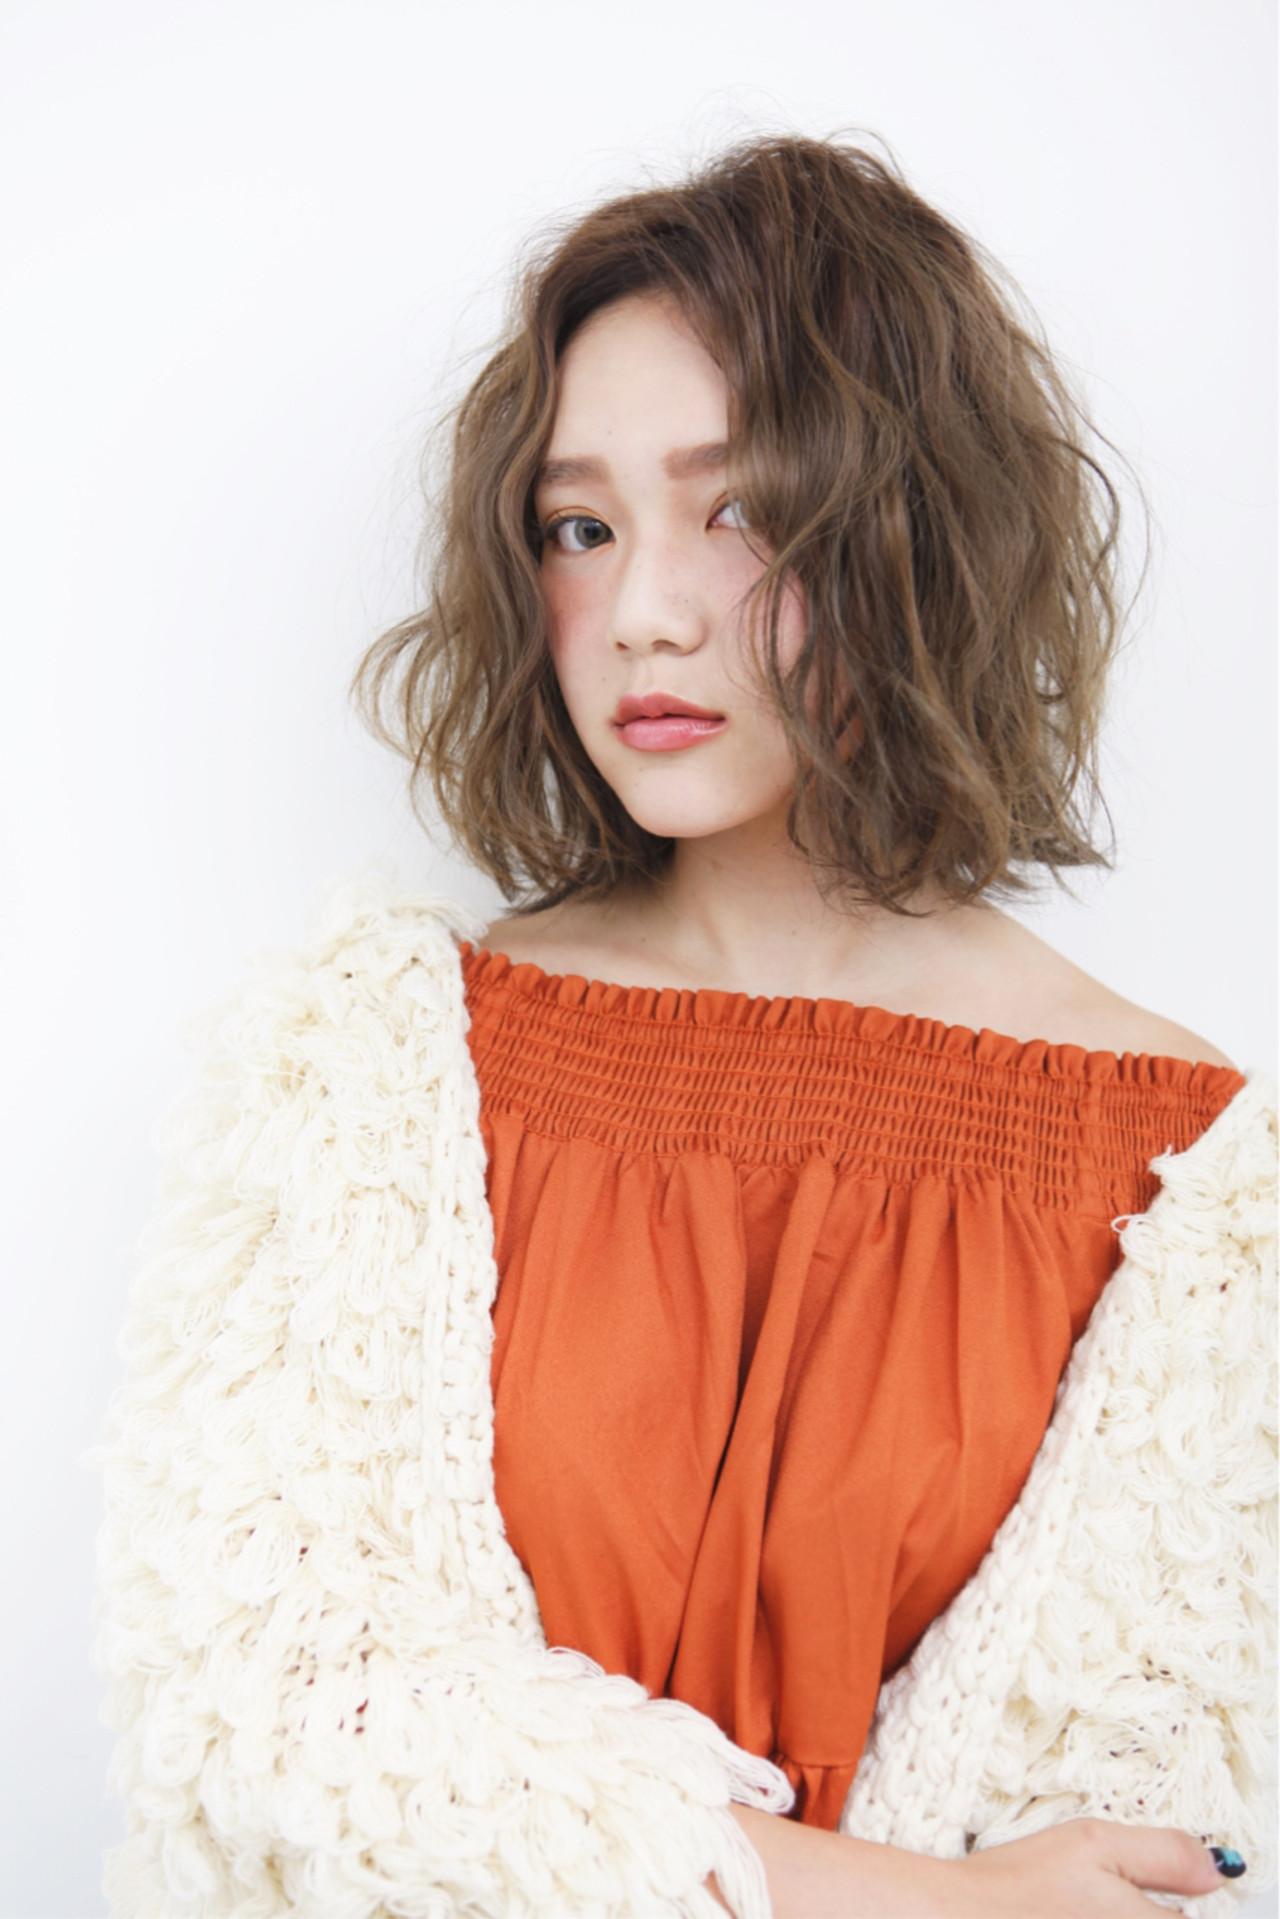 ゆるふわ ミディアム 外国人風 ストリート ヘアスタイルや髪型の写真・画像 | 宮崎 裕己【vanify JYO】 / vanify